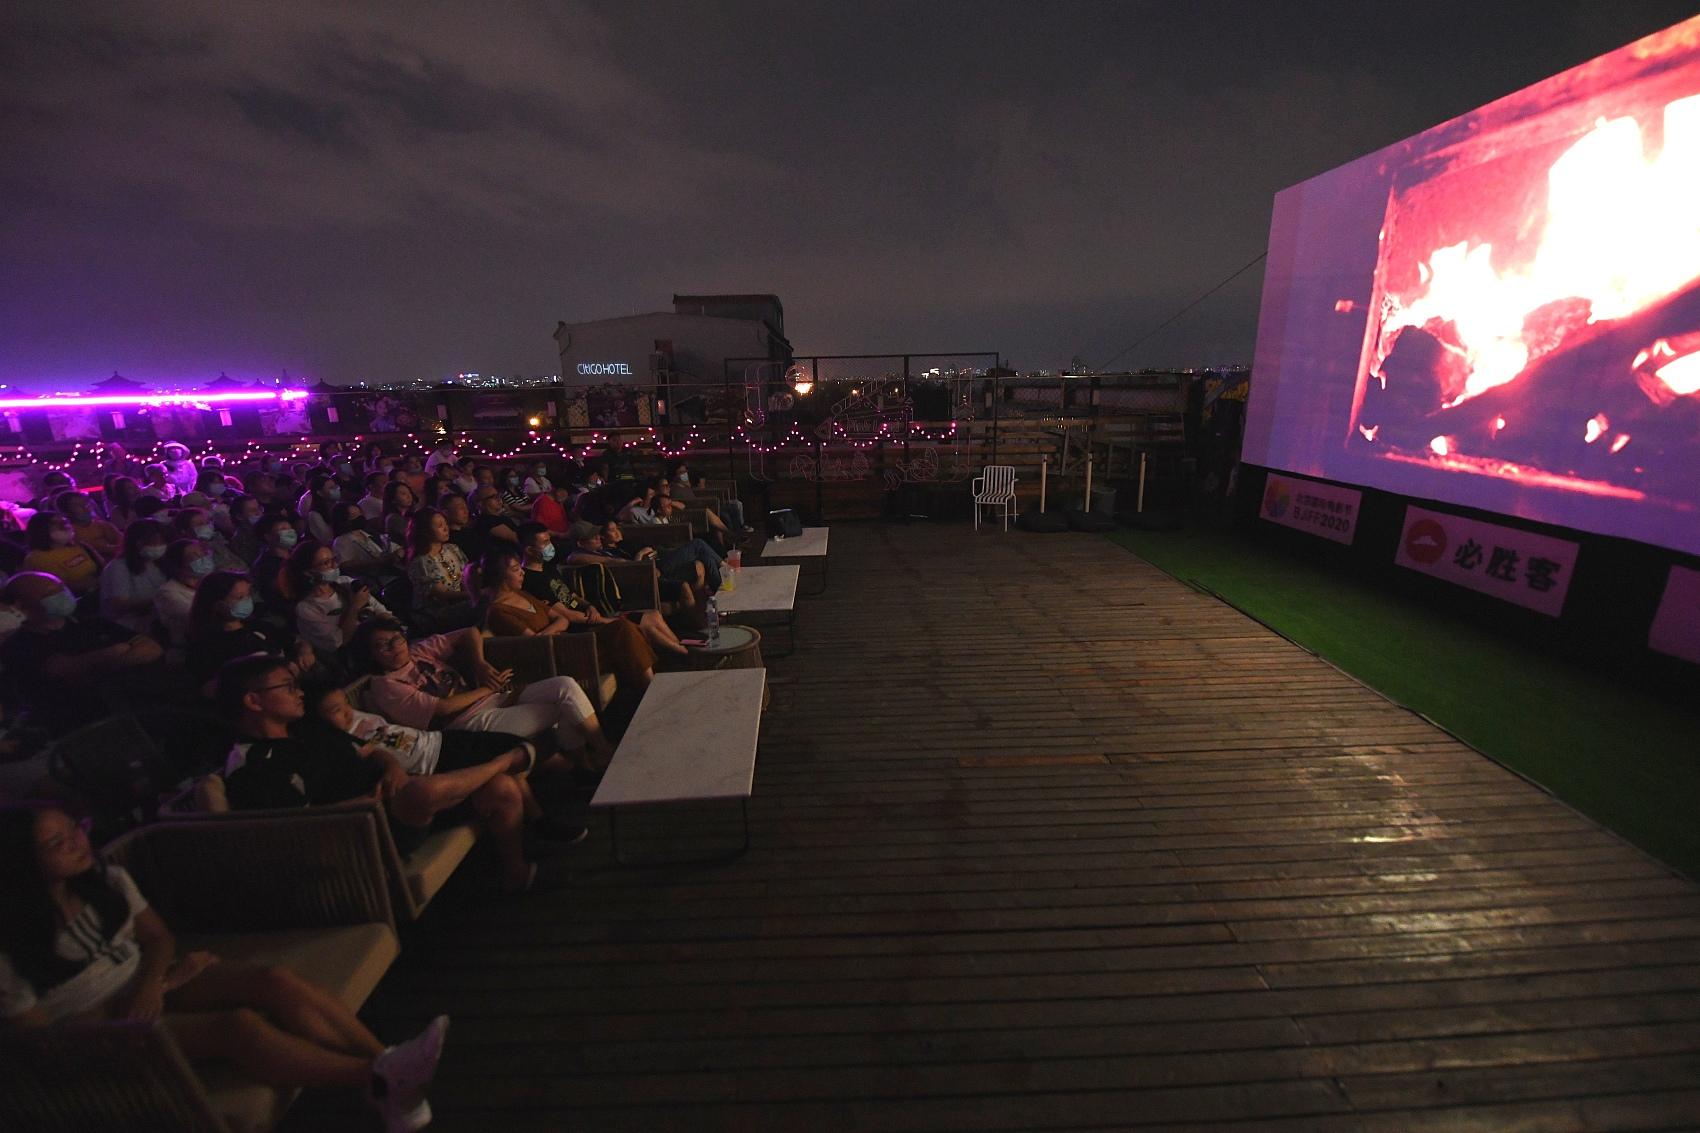 Beijing film festival sheds light on post-epidemic cinema development